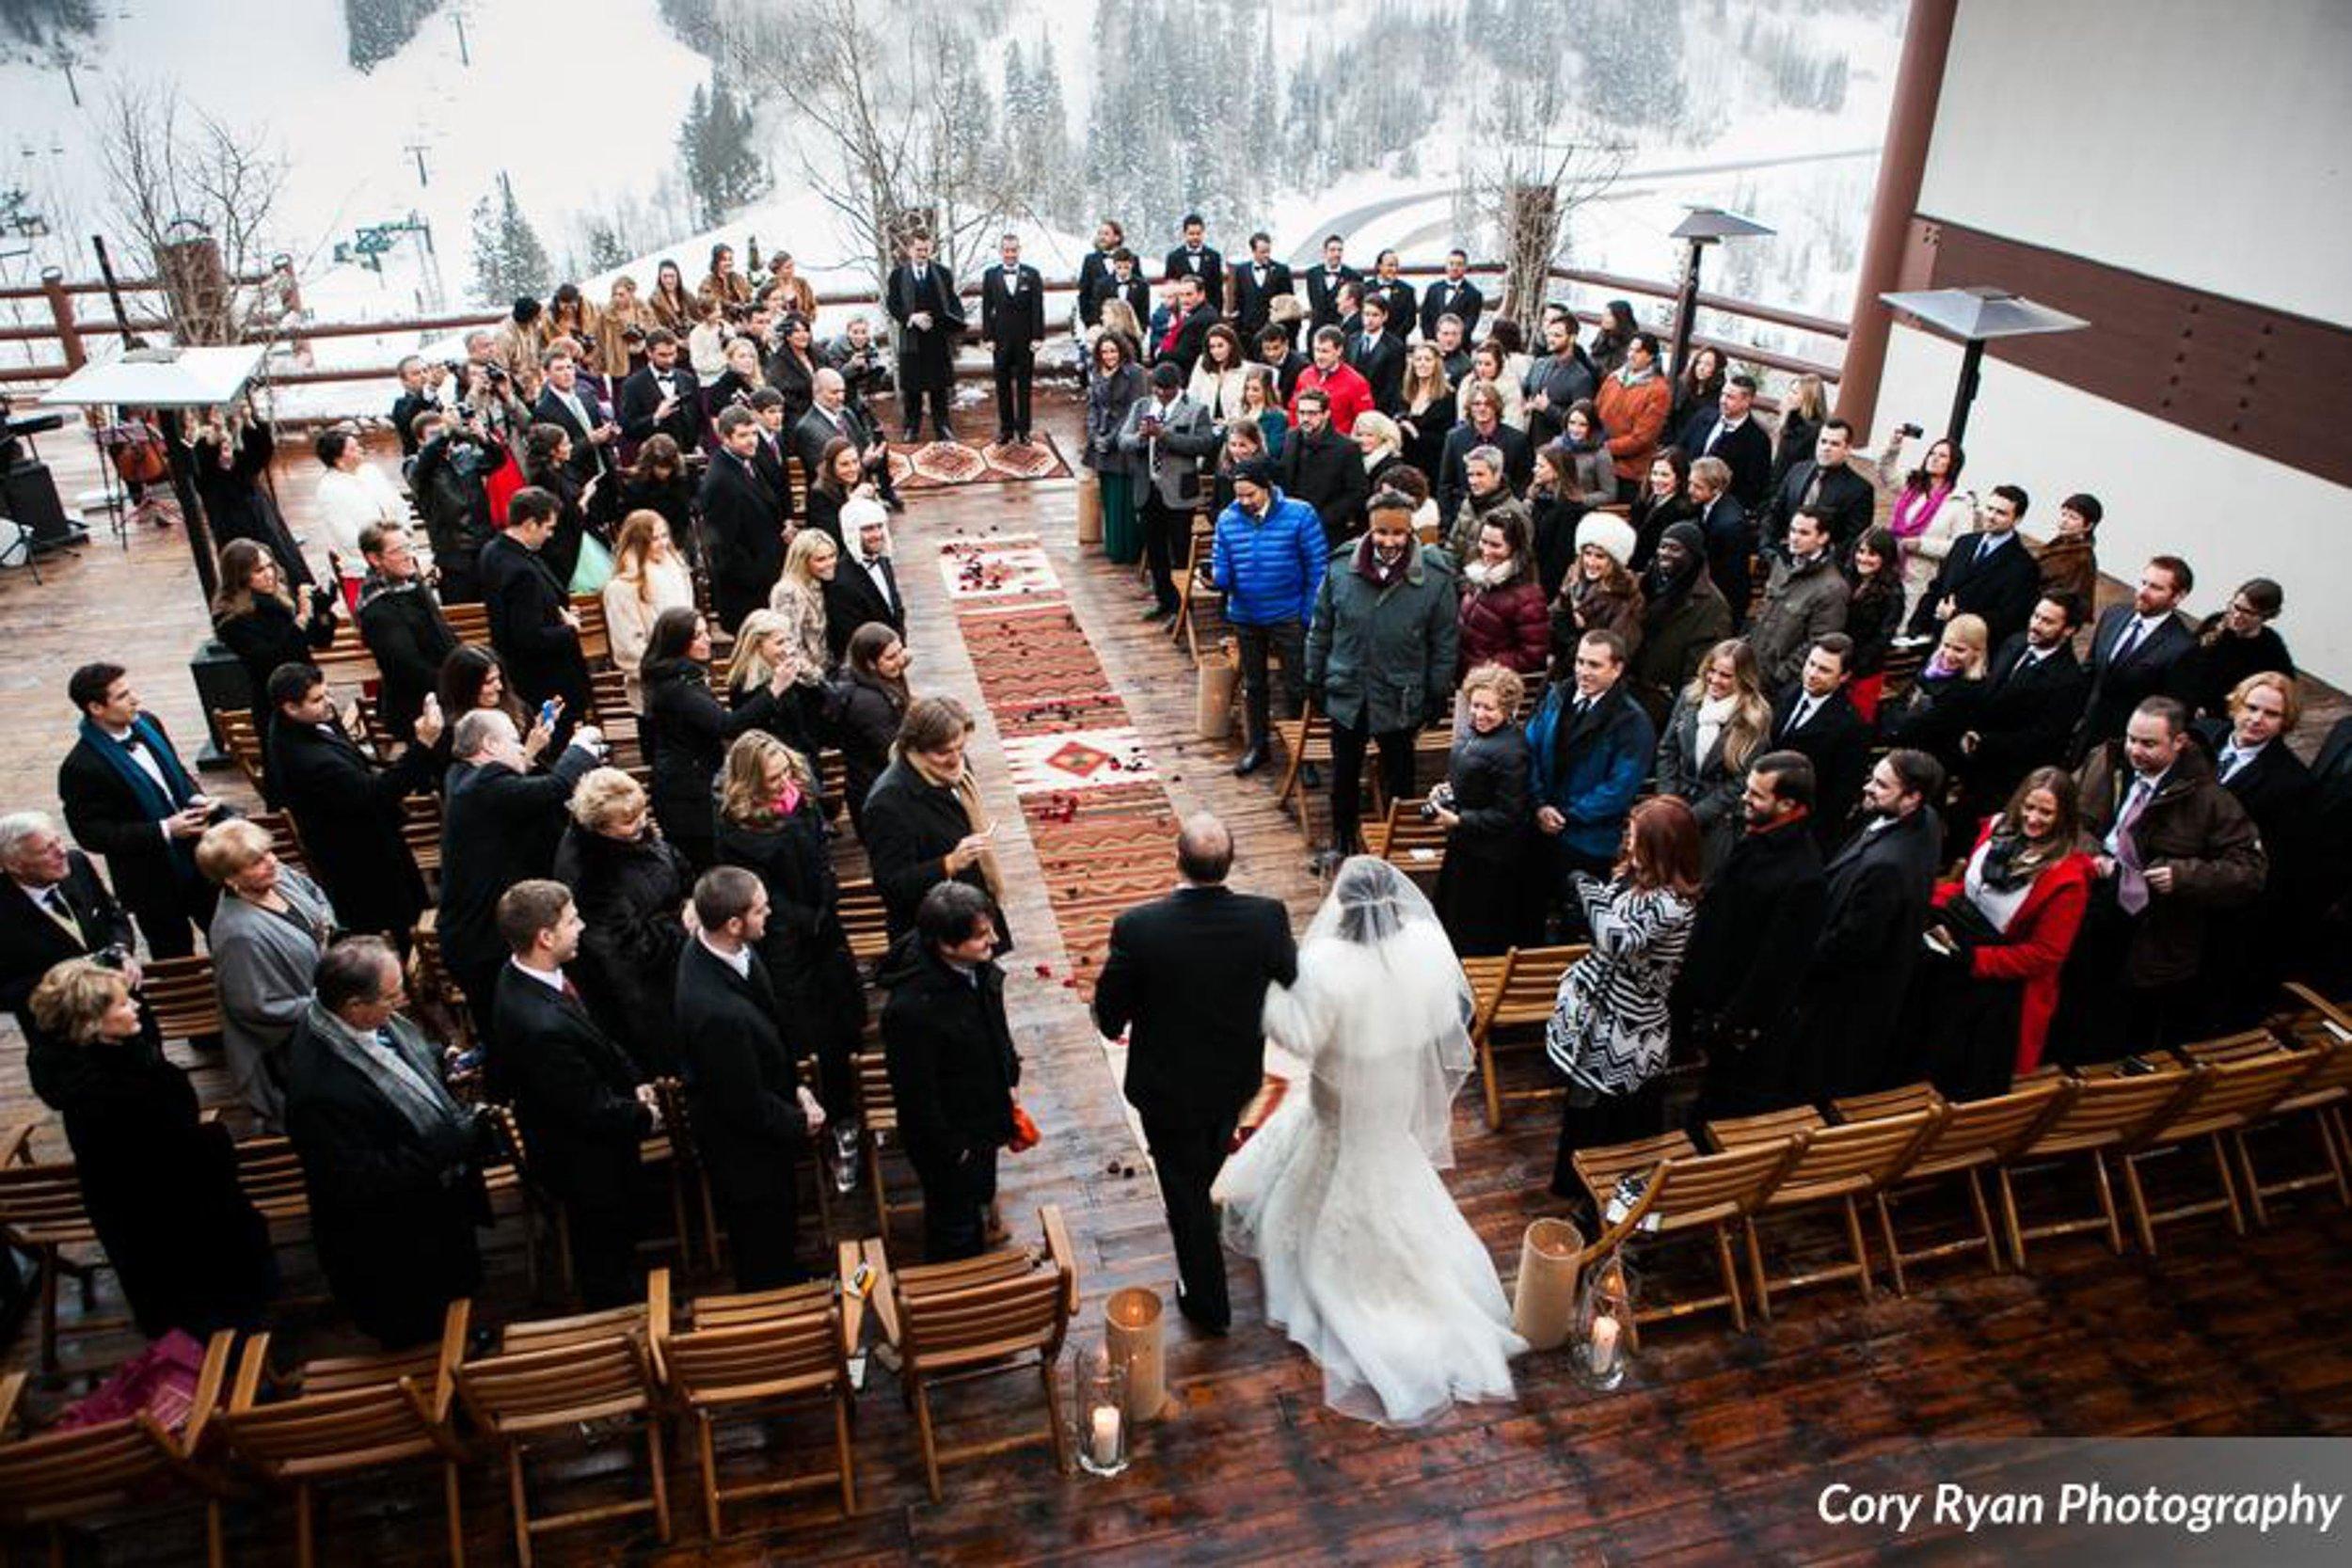 romantic winter wedding stein eriksen lodge-83.jpg